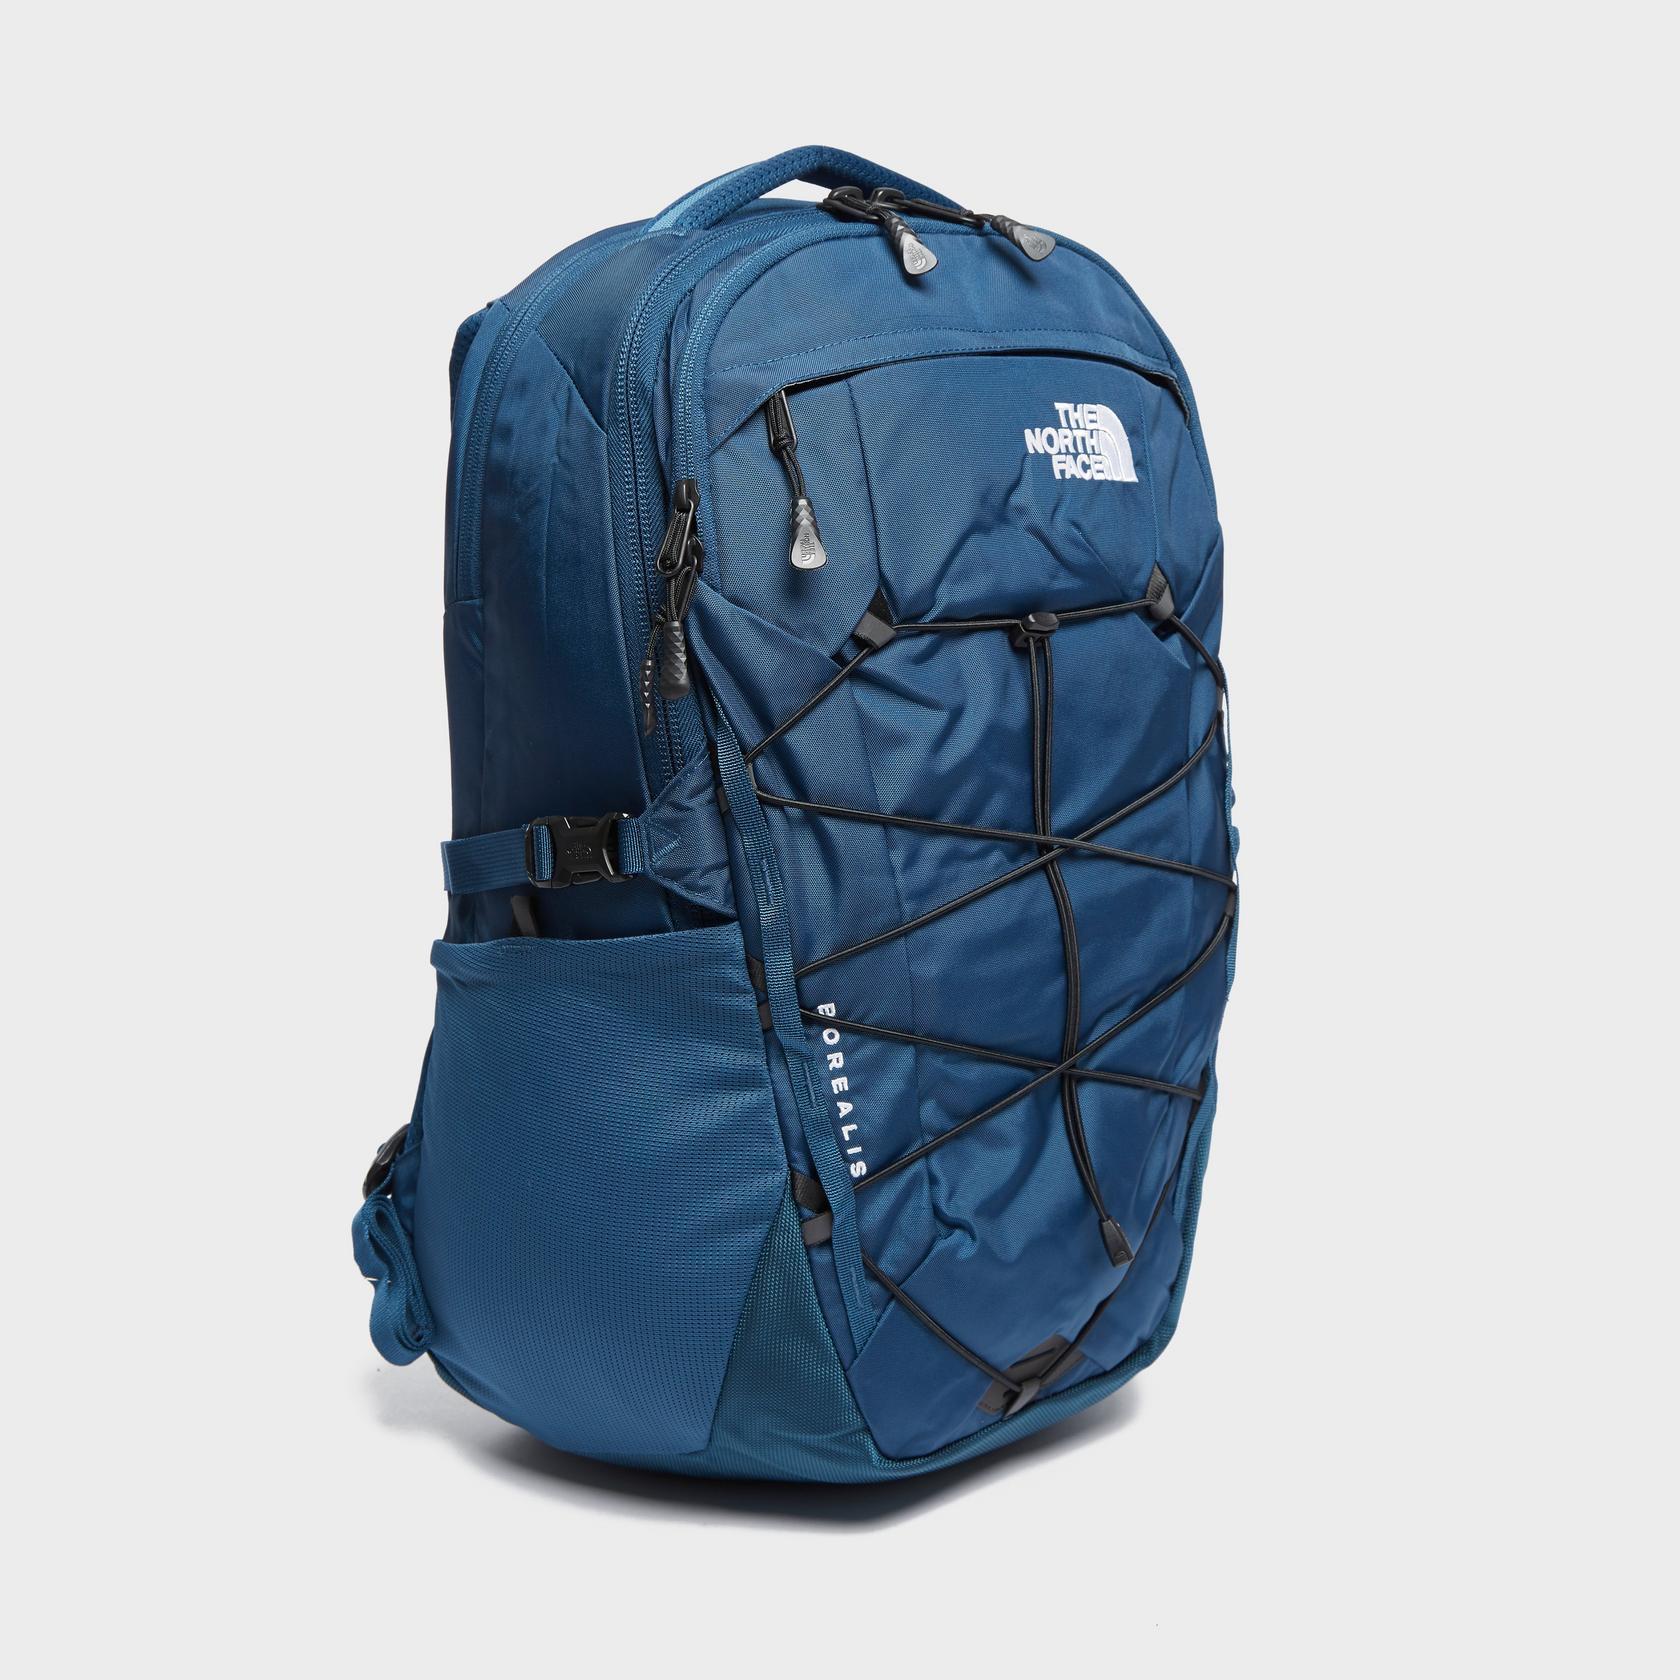 The North Face Borealis Bagpack £45 at The North Face